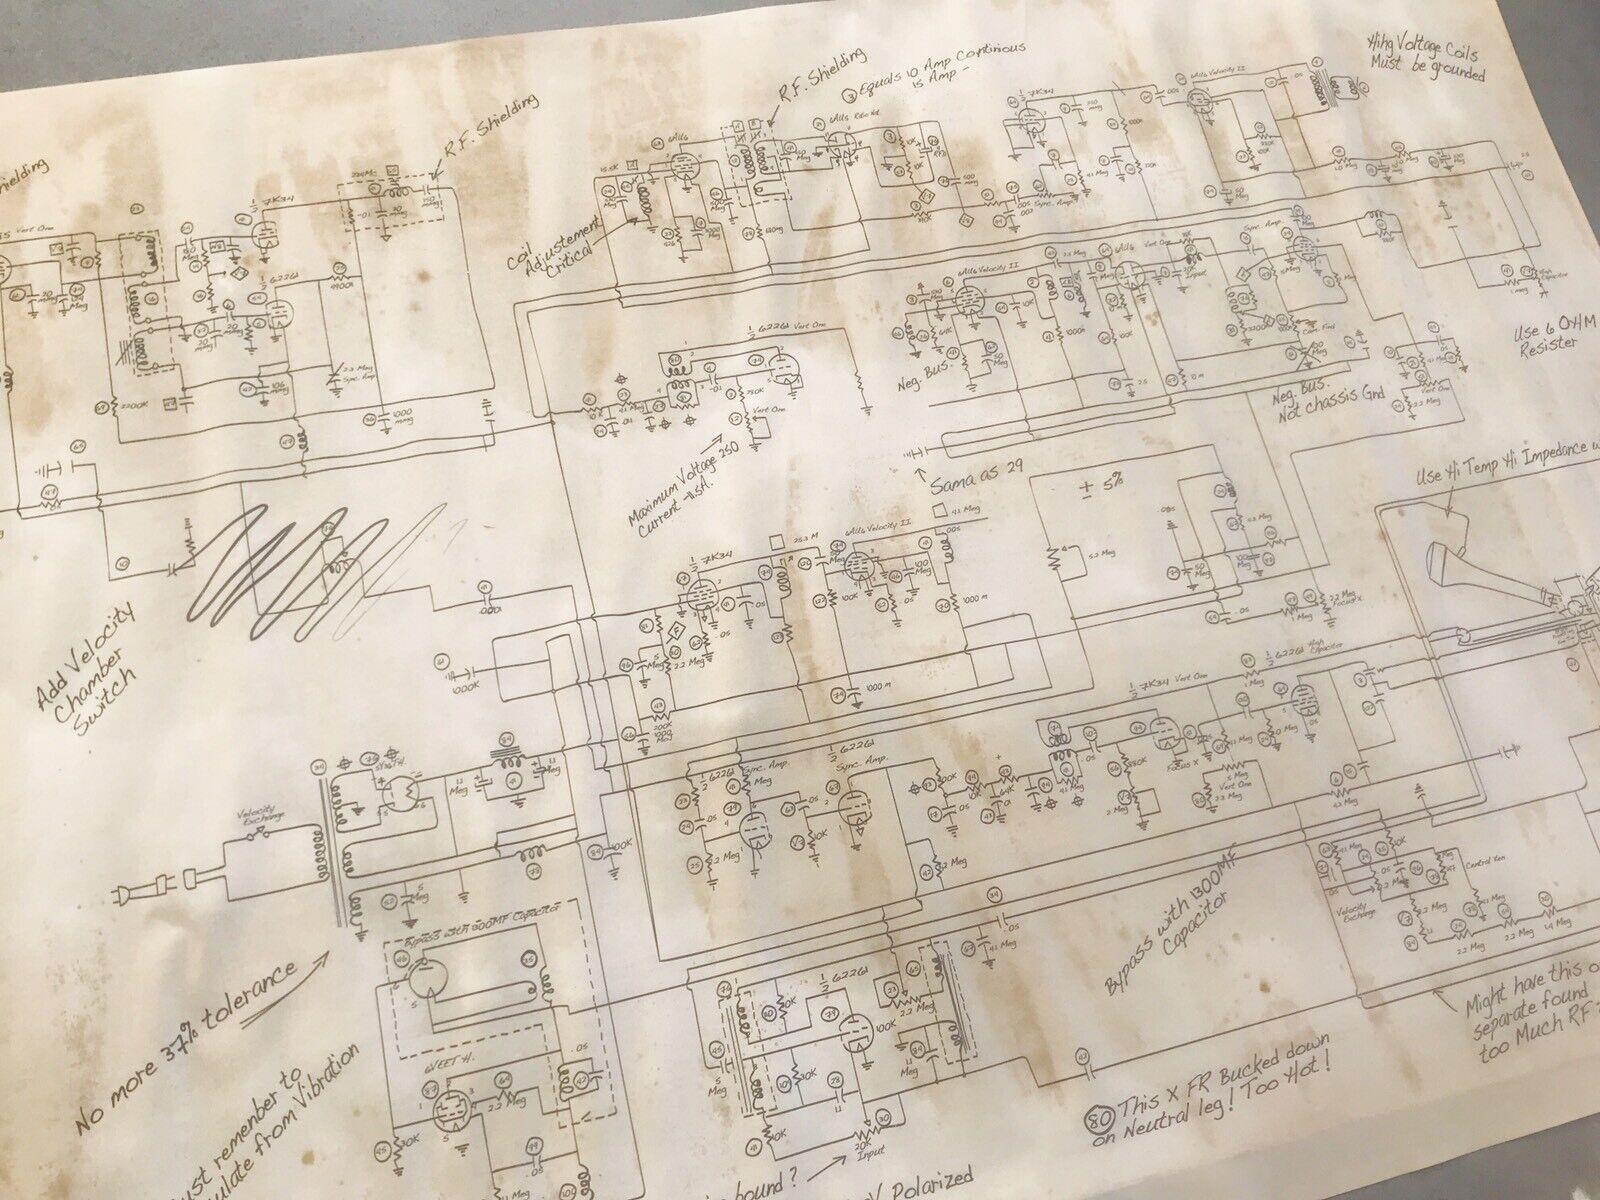 Schéma Schéma Schéma Du Convecteur Temporel (Flux Capacitor) - BTTF 3 - Retour Vers Le Futur 3 9f20a7